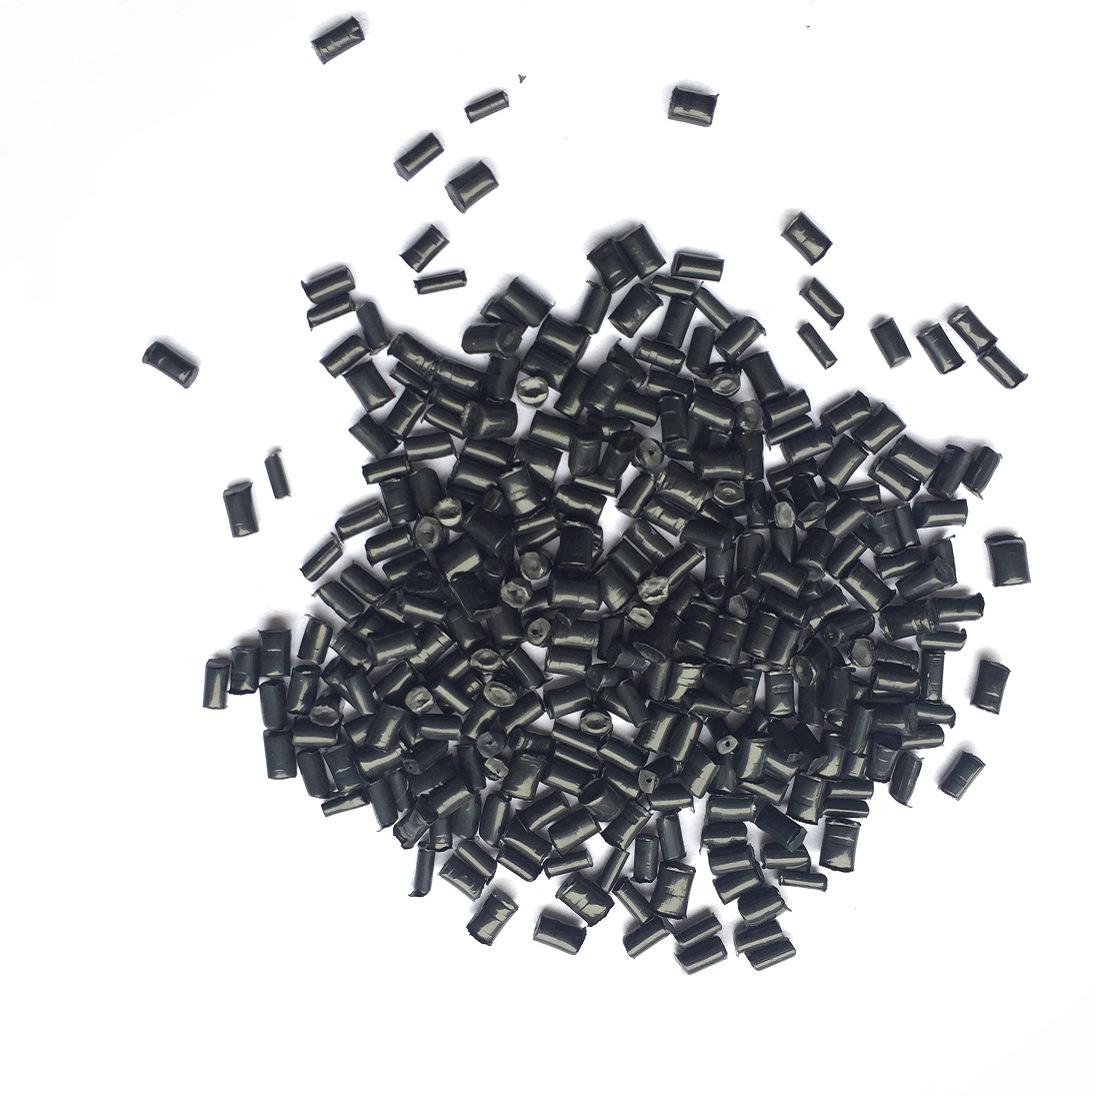 SIWEITE Nhựa tái sinh Cung cấp vật liệu tái chế PA6 màu đen, không tro, độ dẻo cao